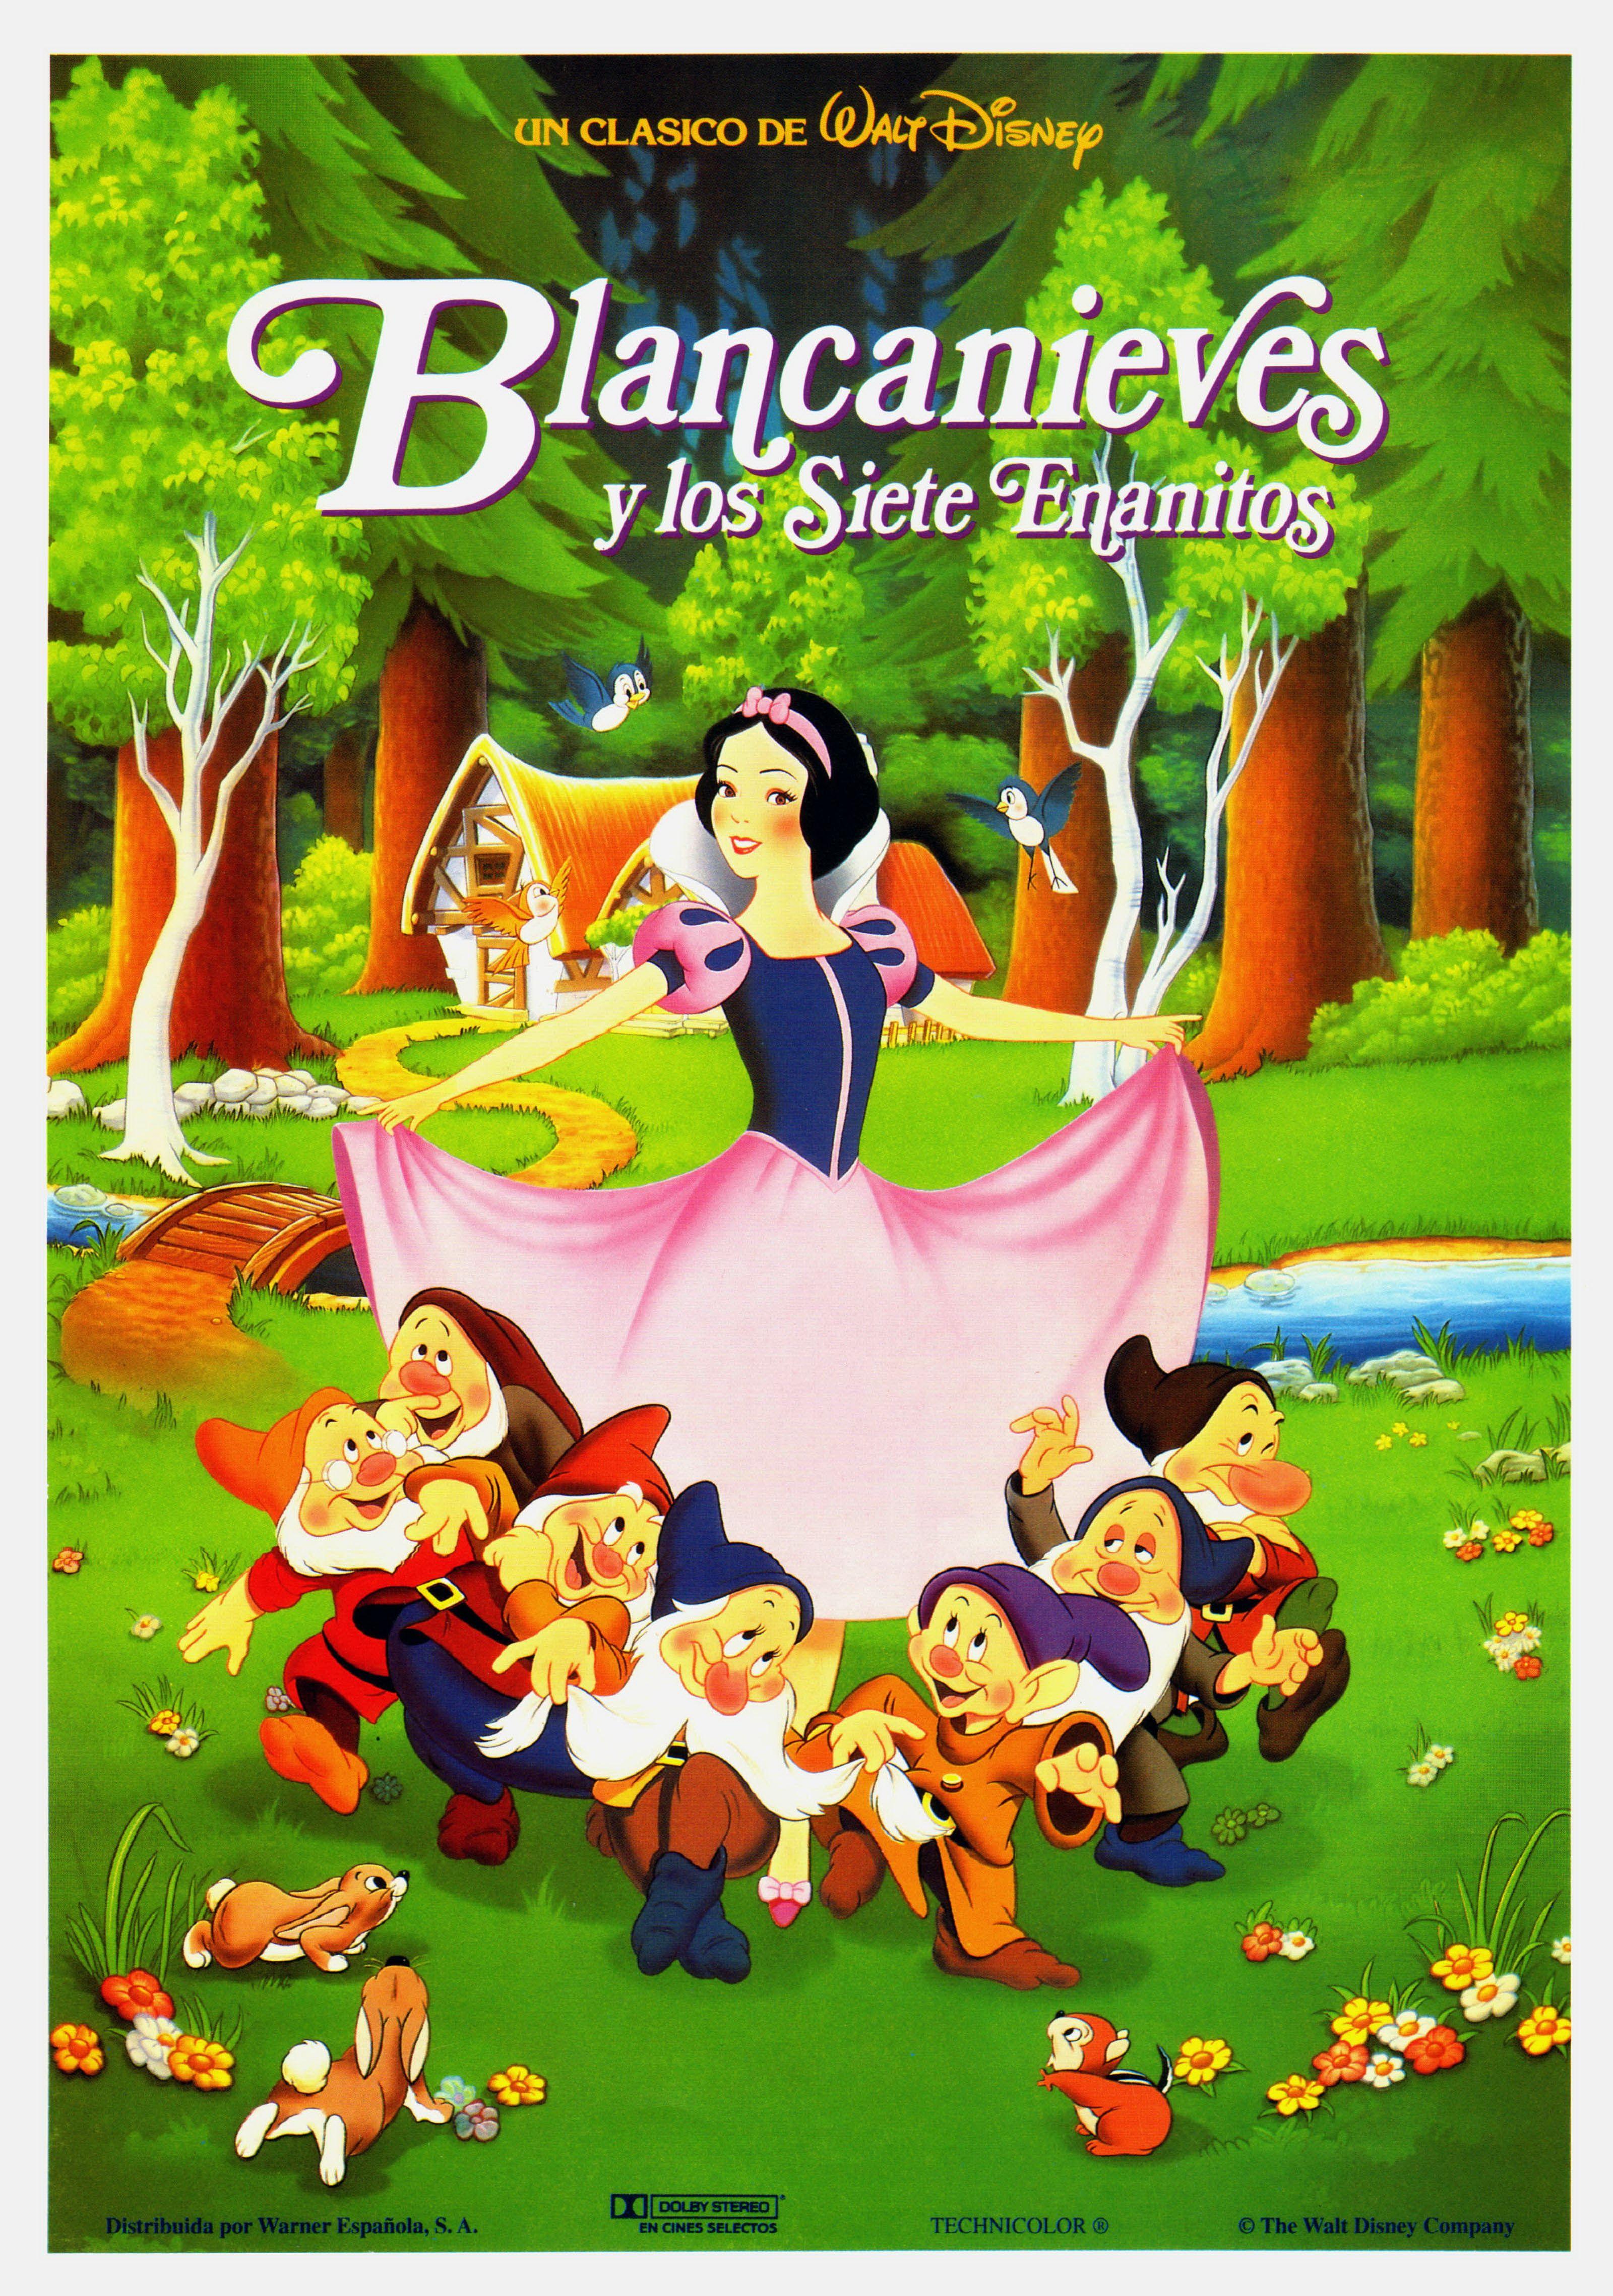 Imagen Blancanieves y los siete enanos (1951)